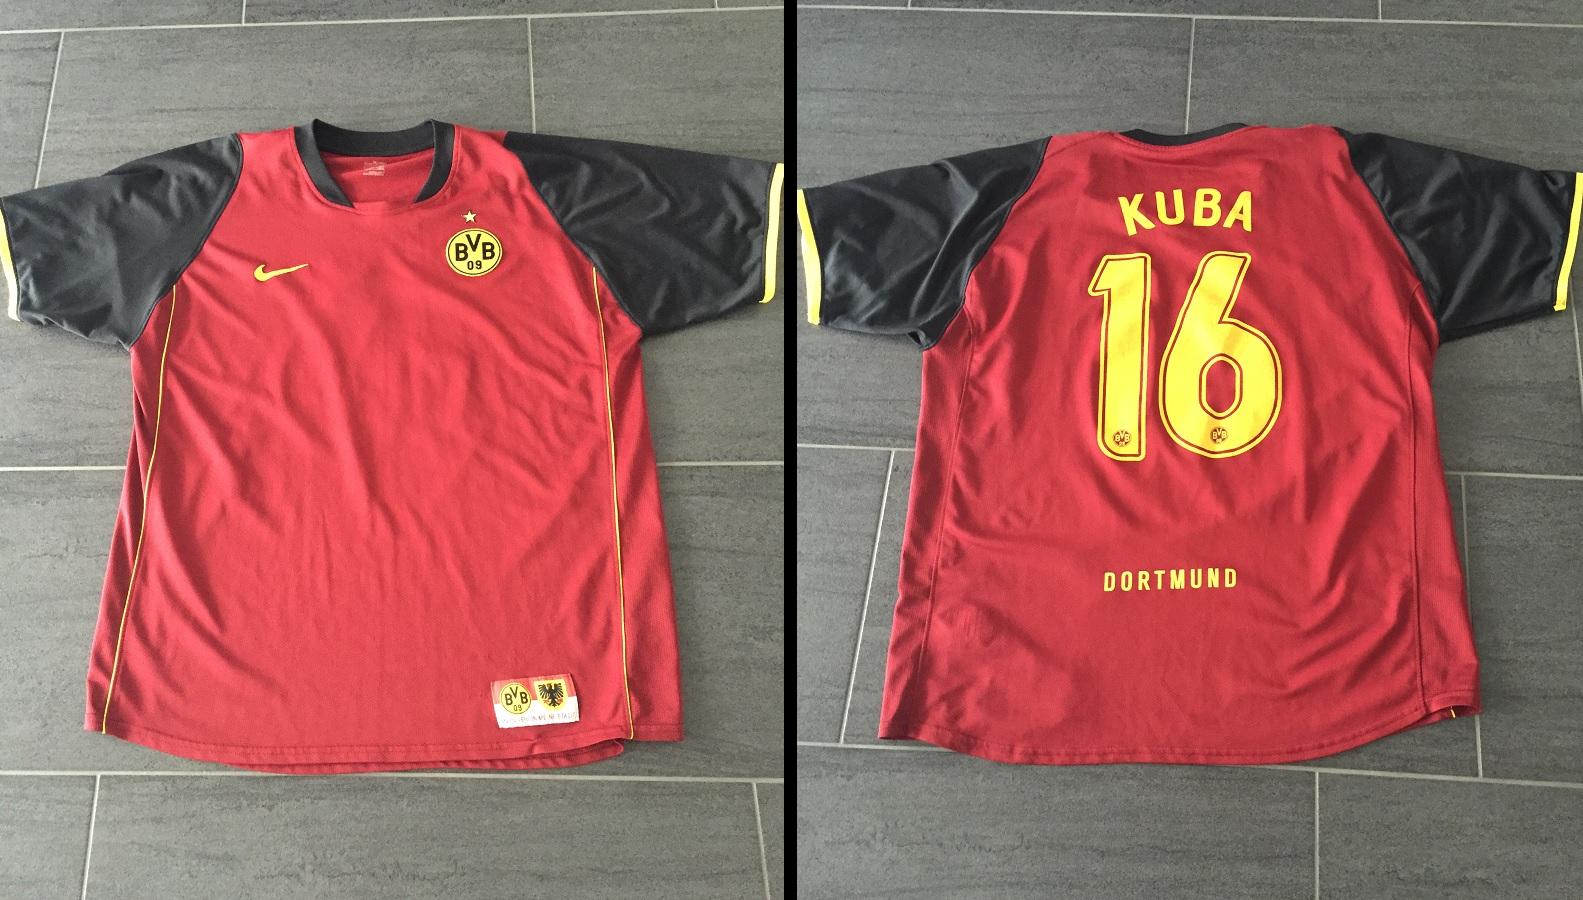 Borussia Dortmund Away 2007/08 Kuba